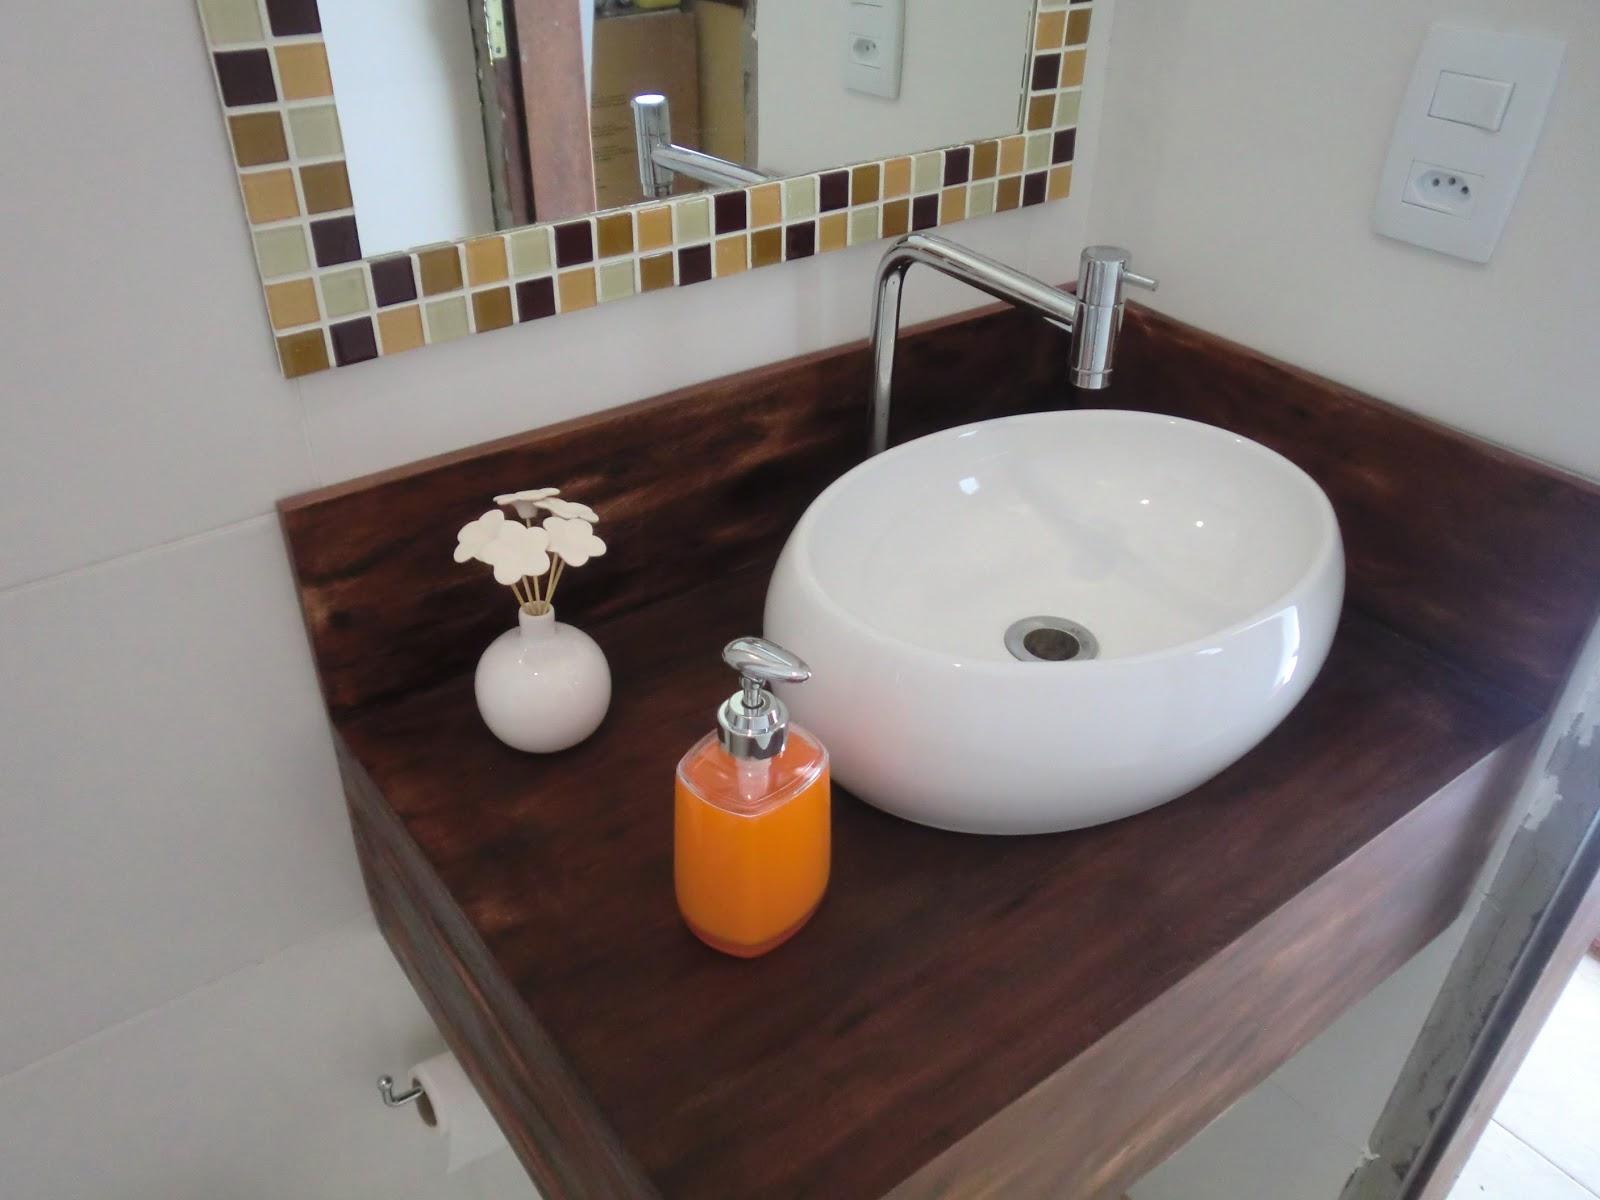 #B25A19 Banheiro Pequeno reformado por menos de 2mil na Revista Minha Casa  1600x1200 px Banheiro Pequeno Antes E Depois 2427